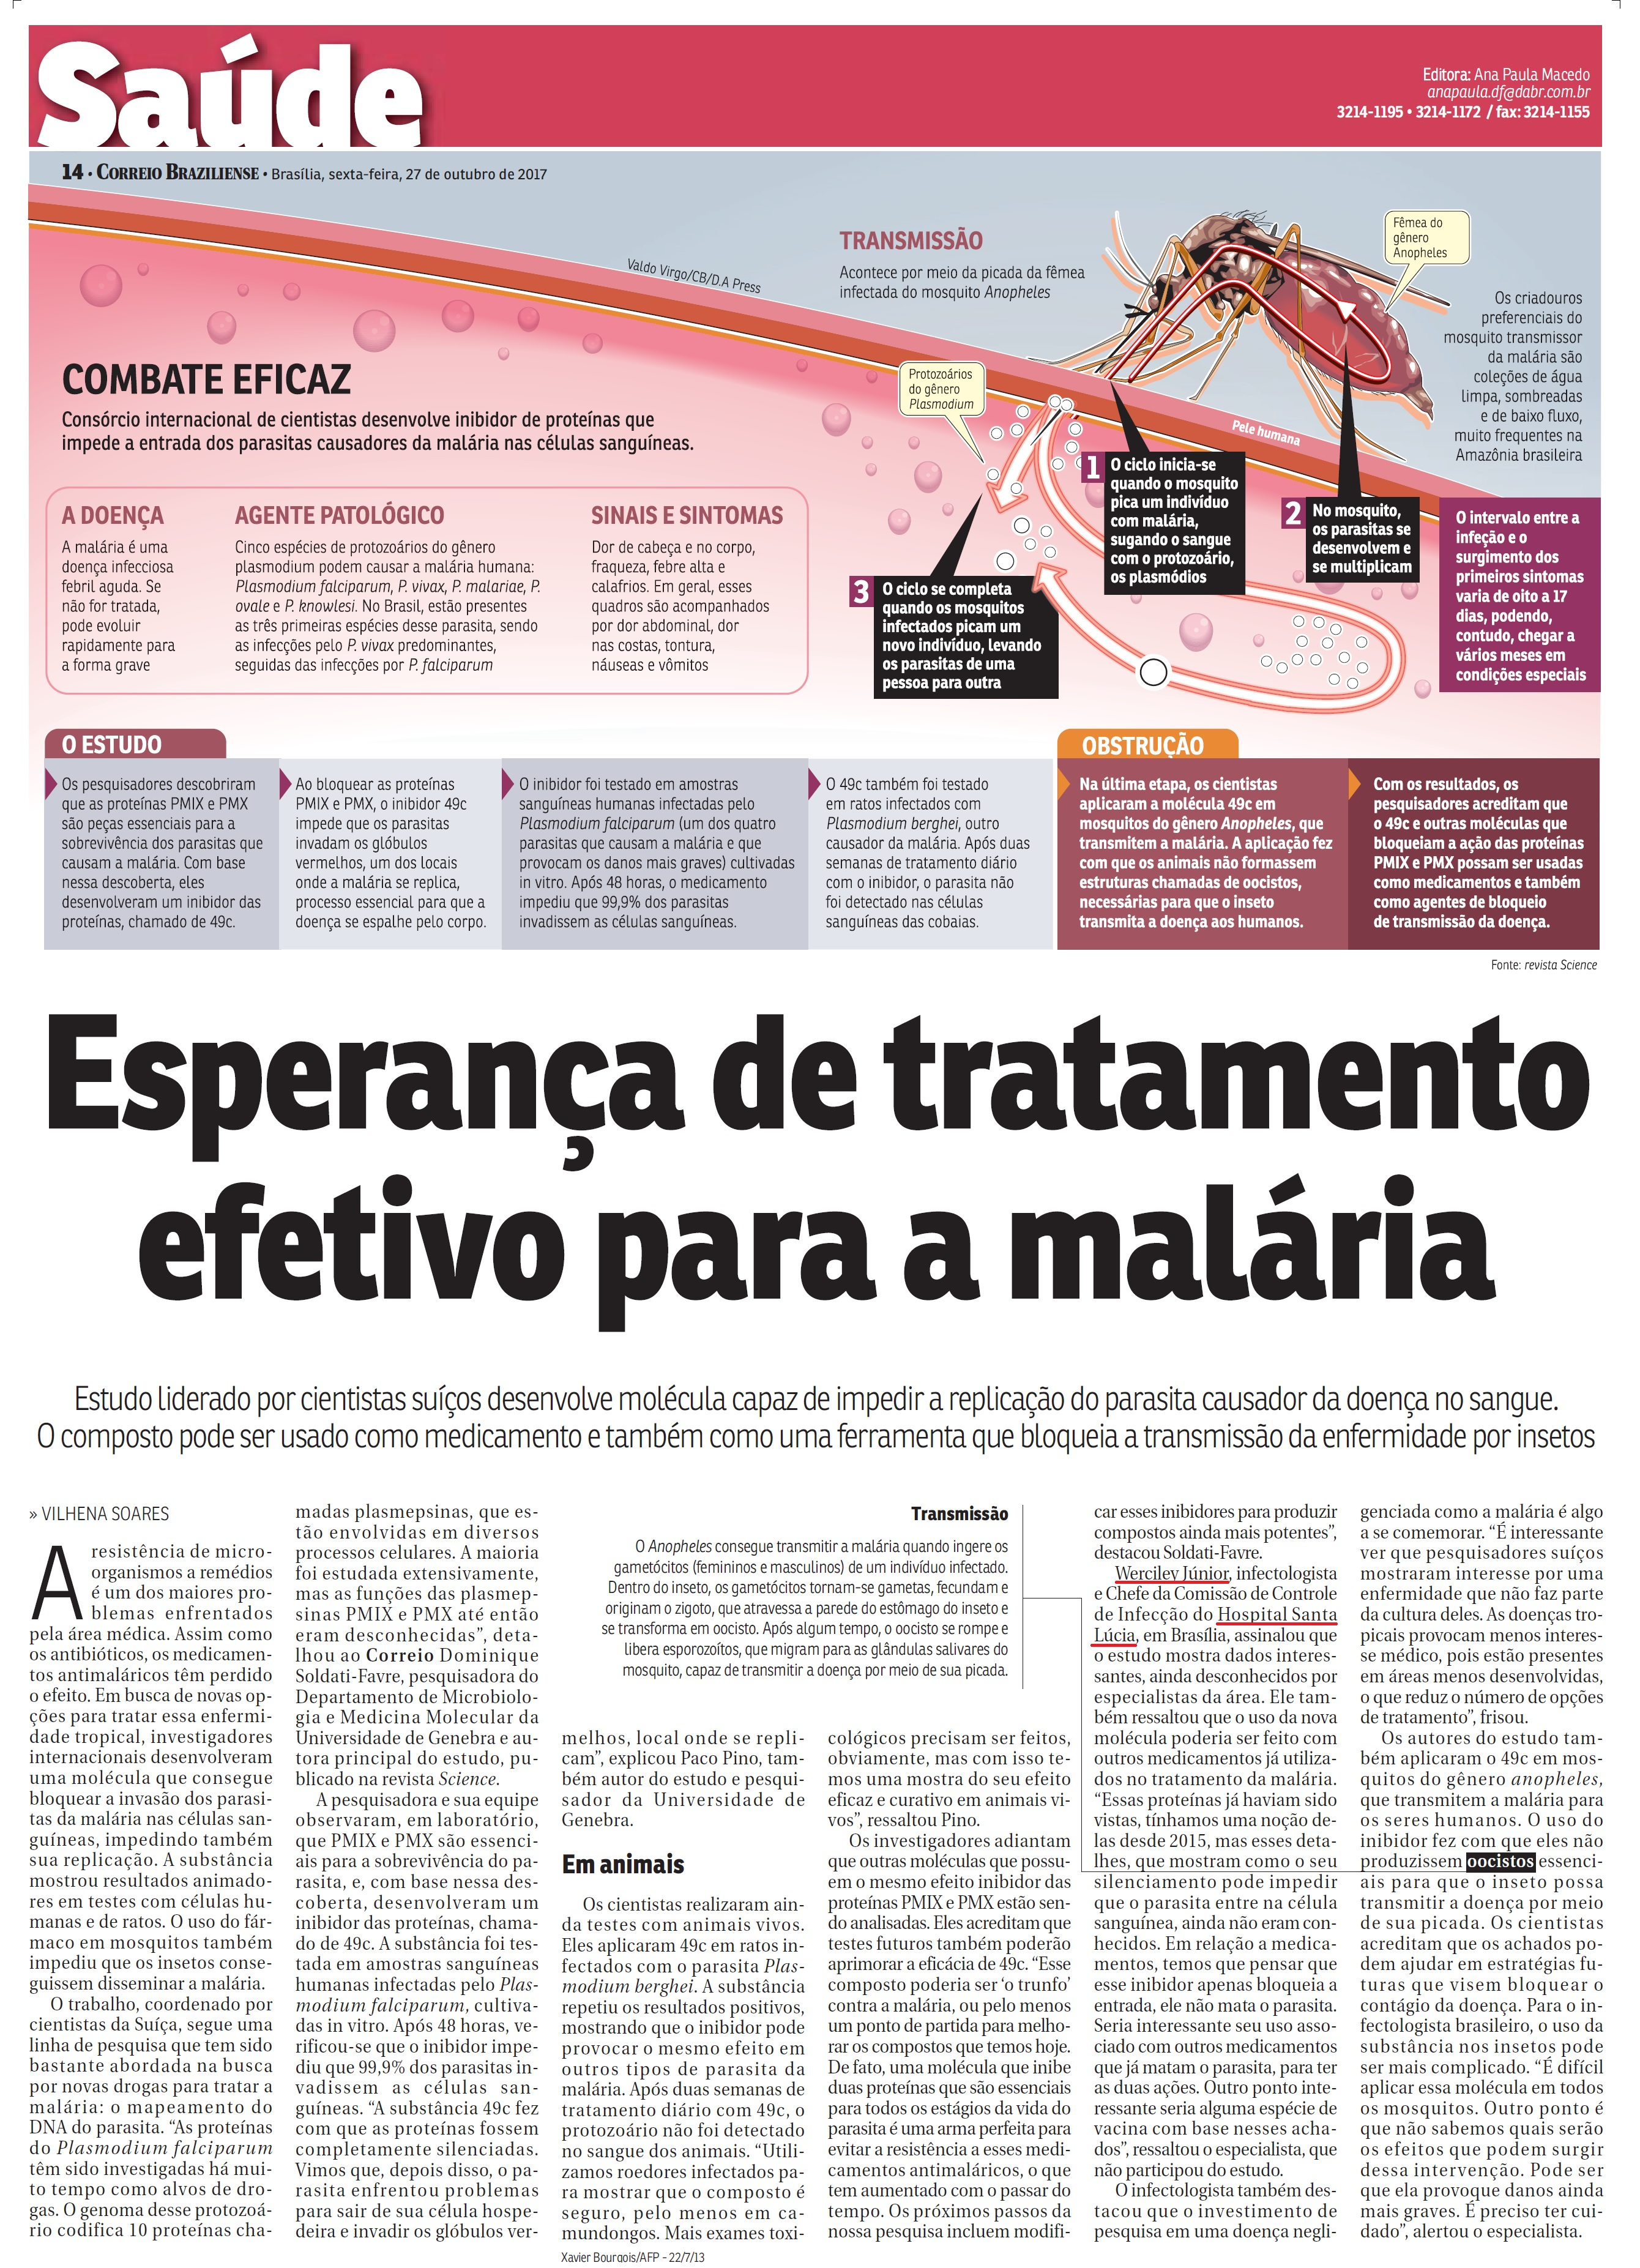 Correio Braziliense - Dr. Werciley Júnior HSL - 27-10-2017